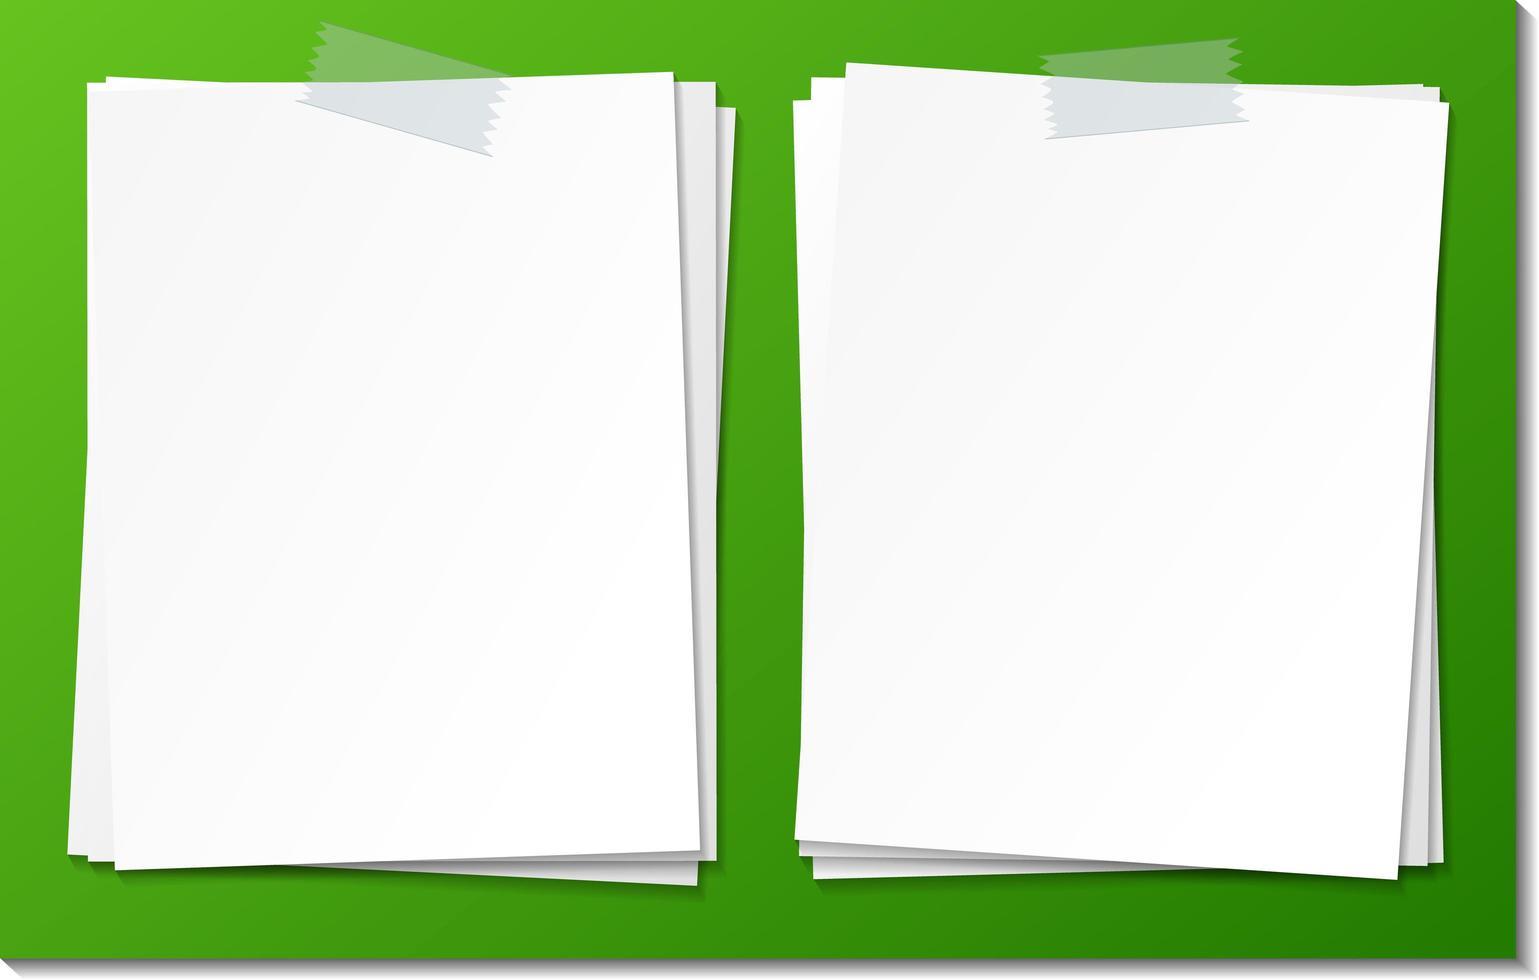 ensemble de modèle de papier pense-bête vide vecteur